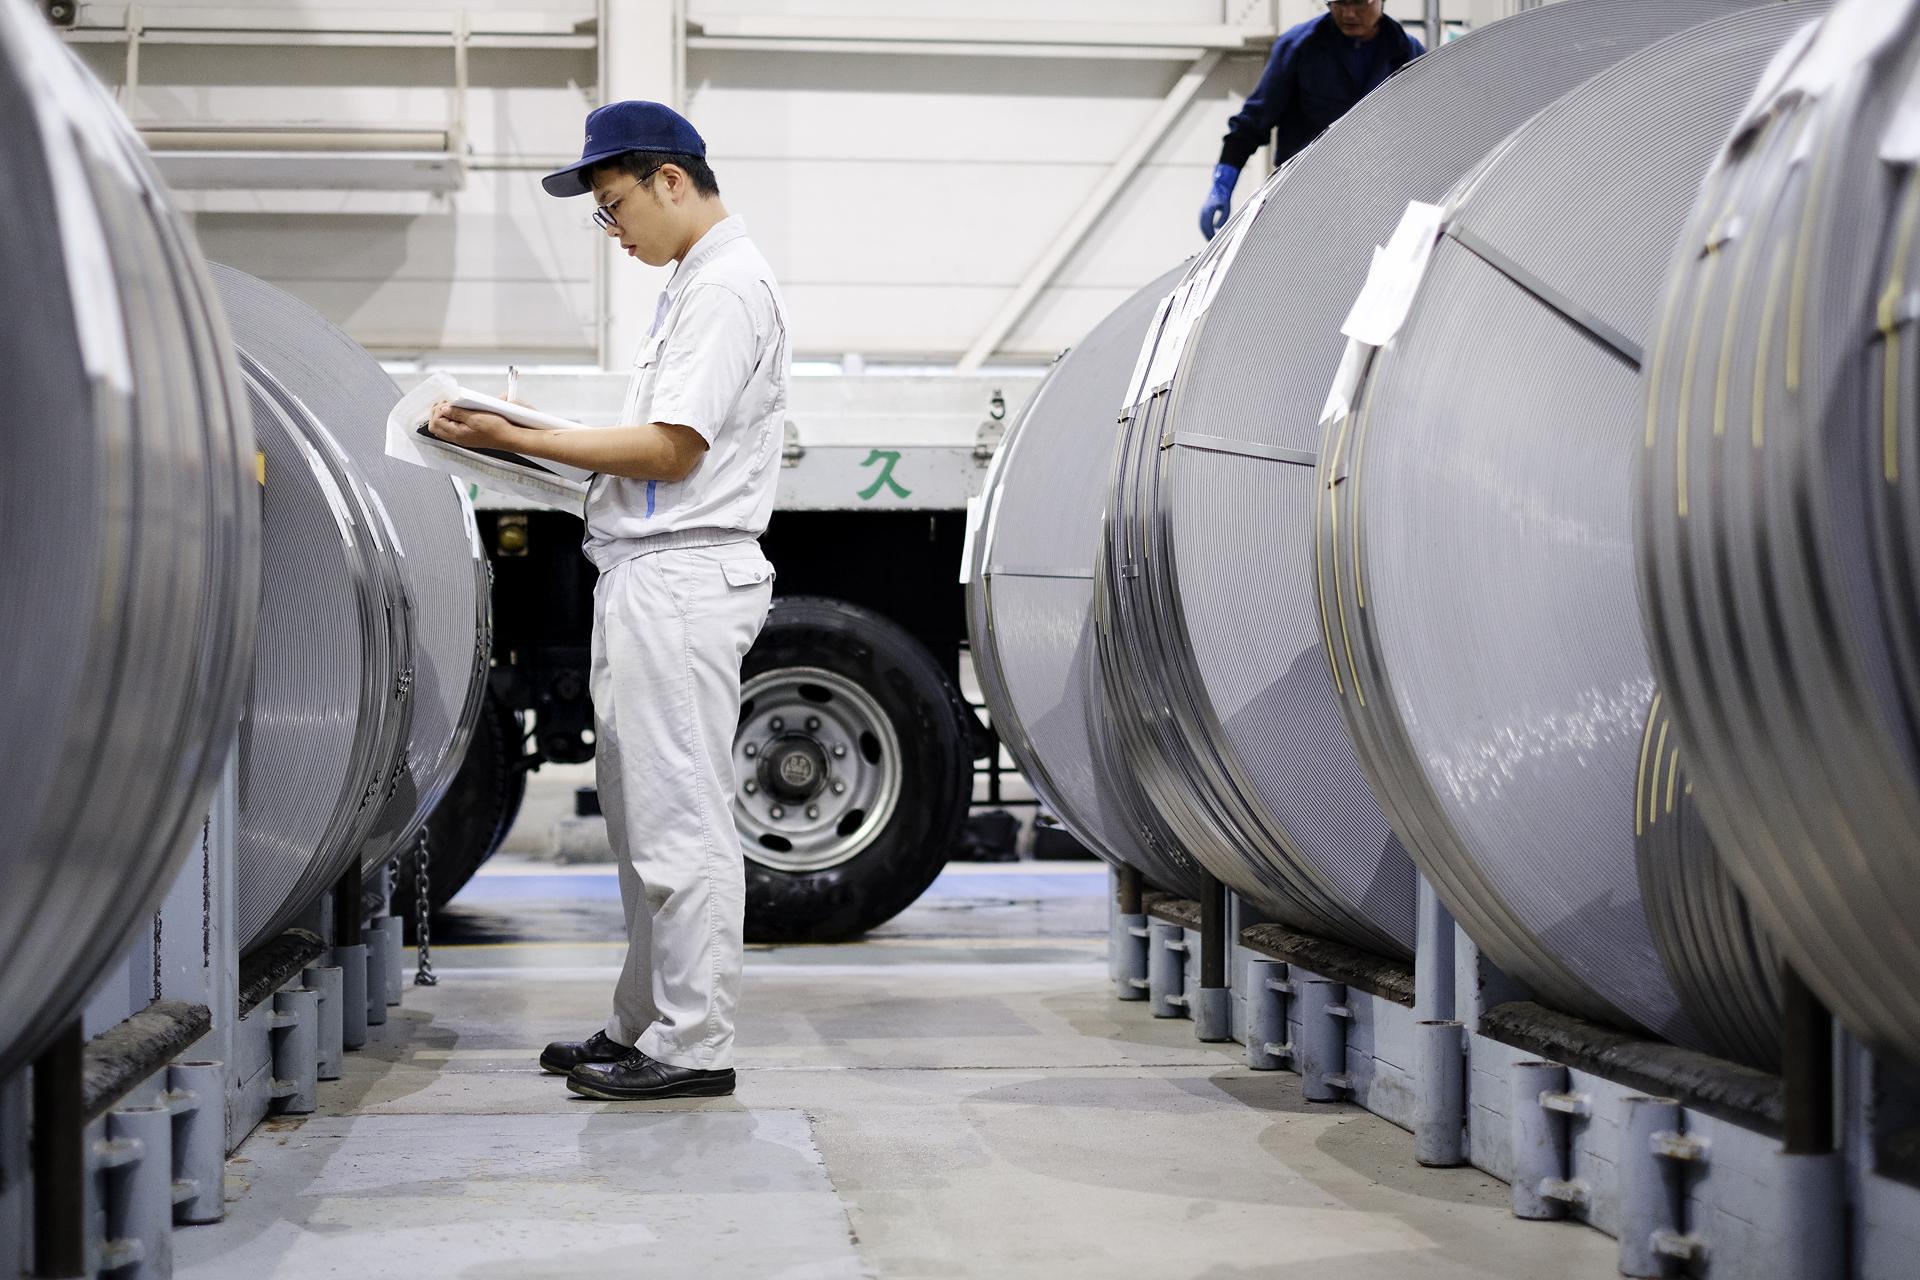 180920-Tokoname-plant-552-1